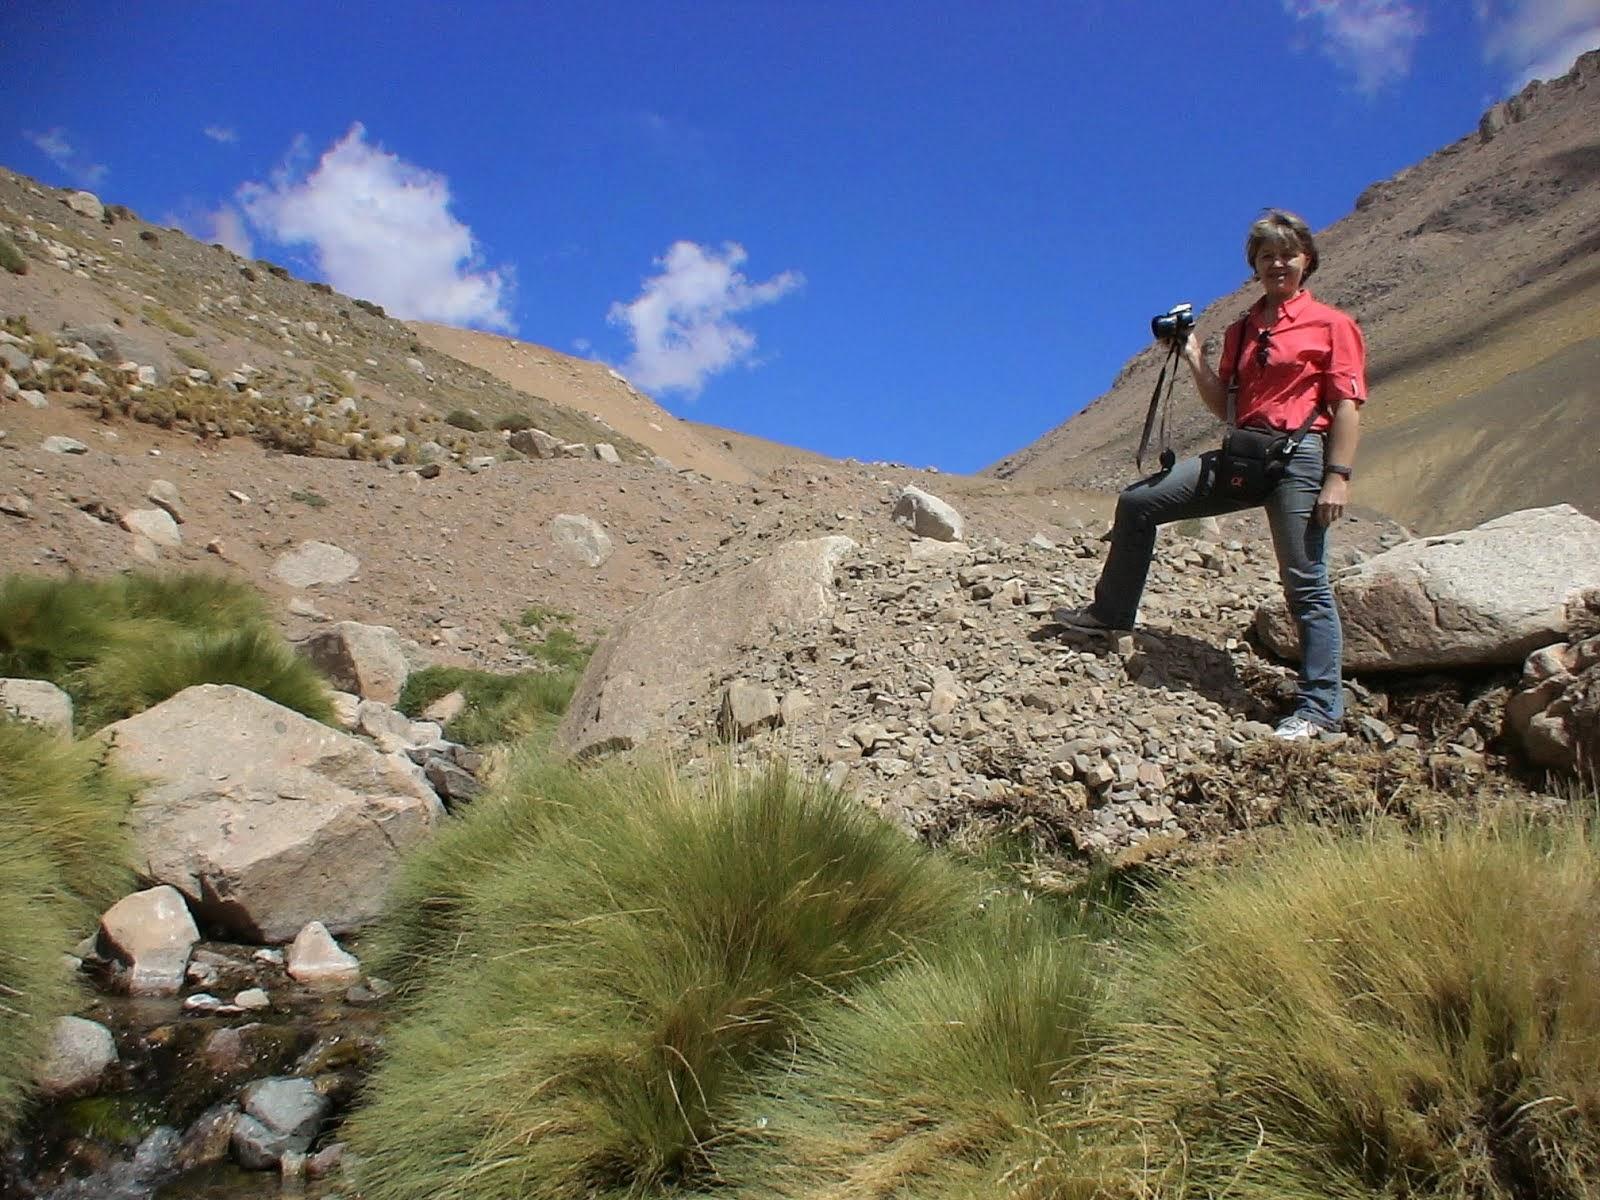 Fotografando nos Andes